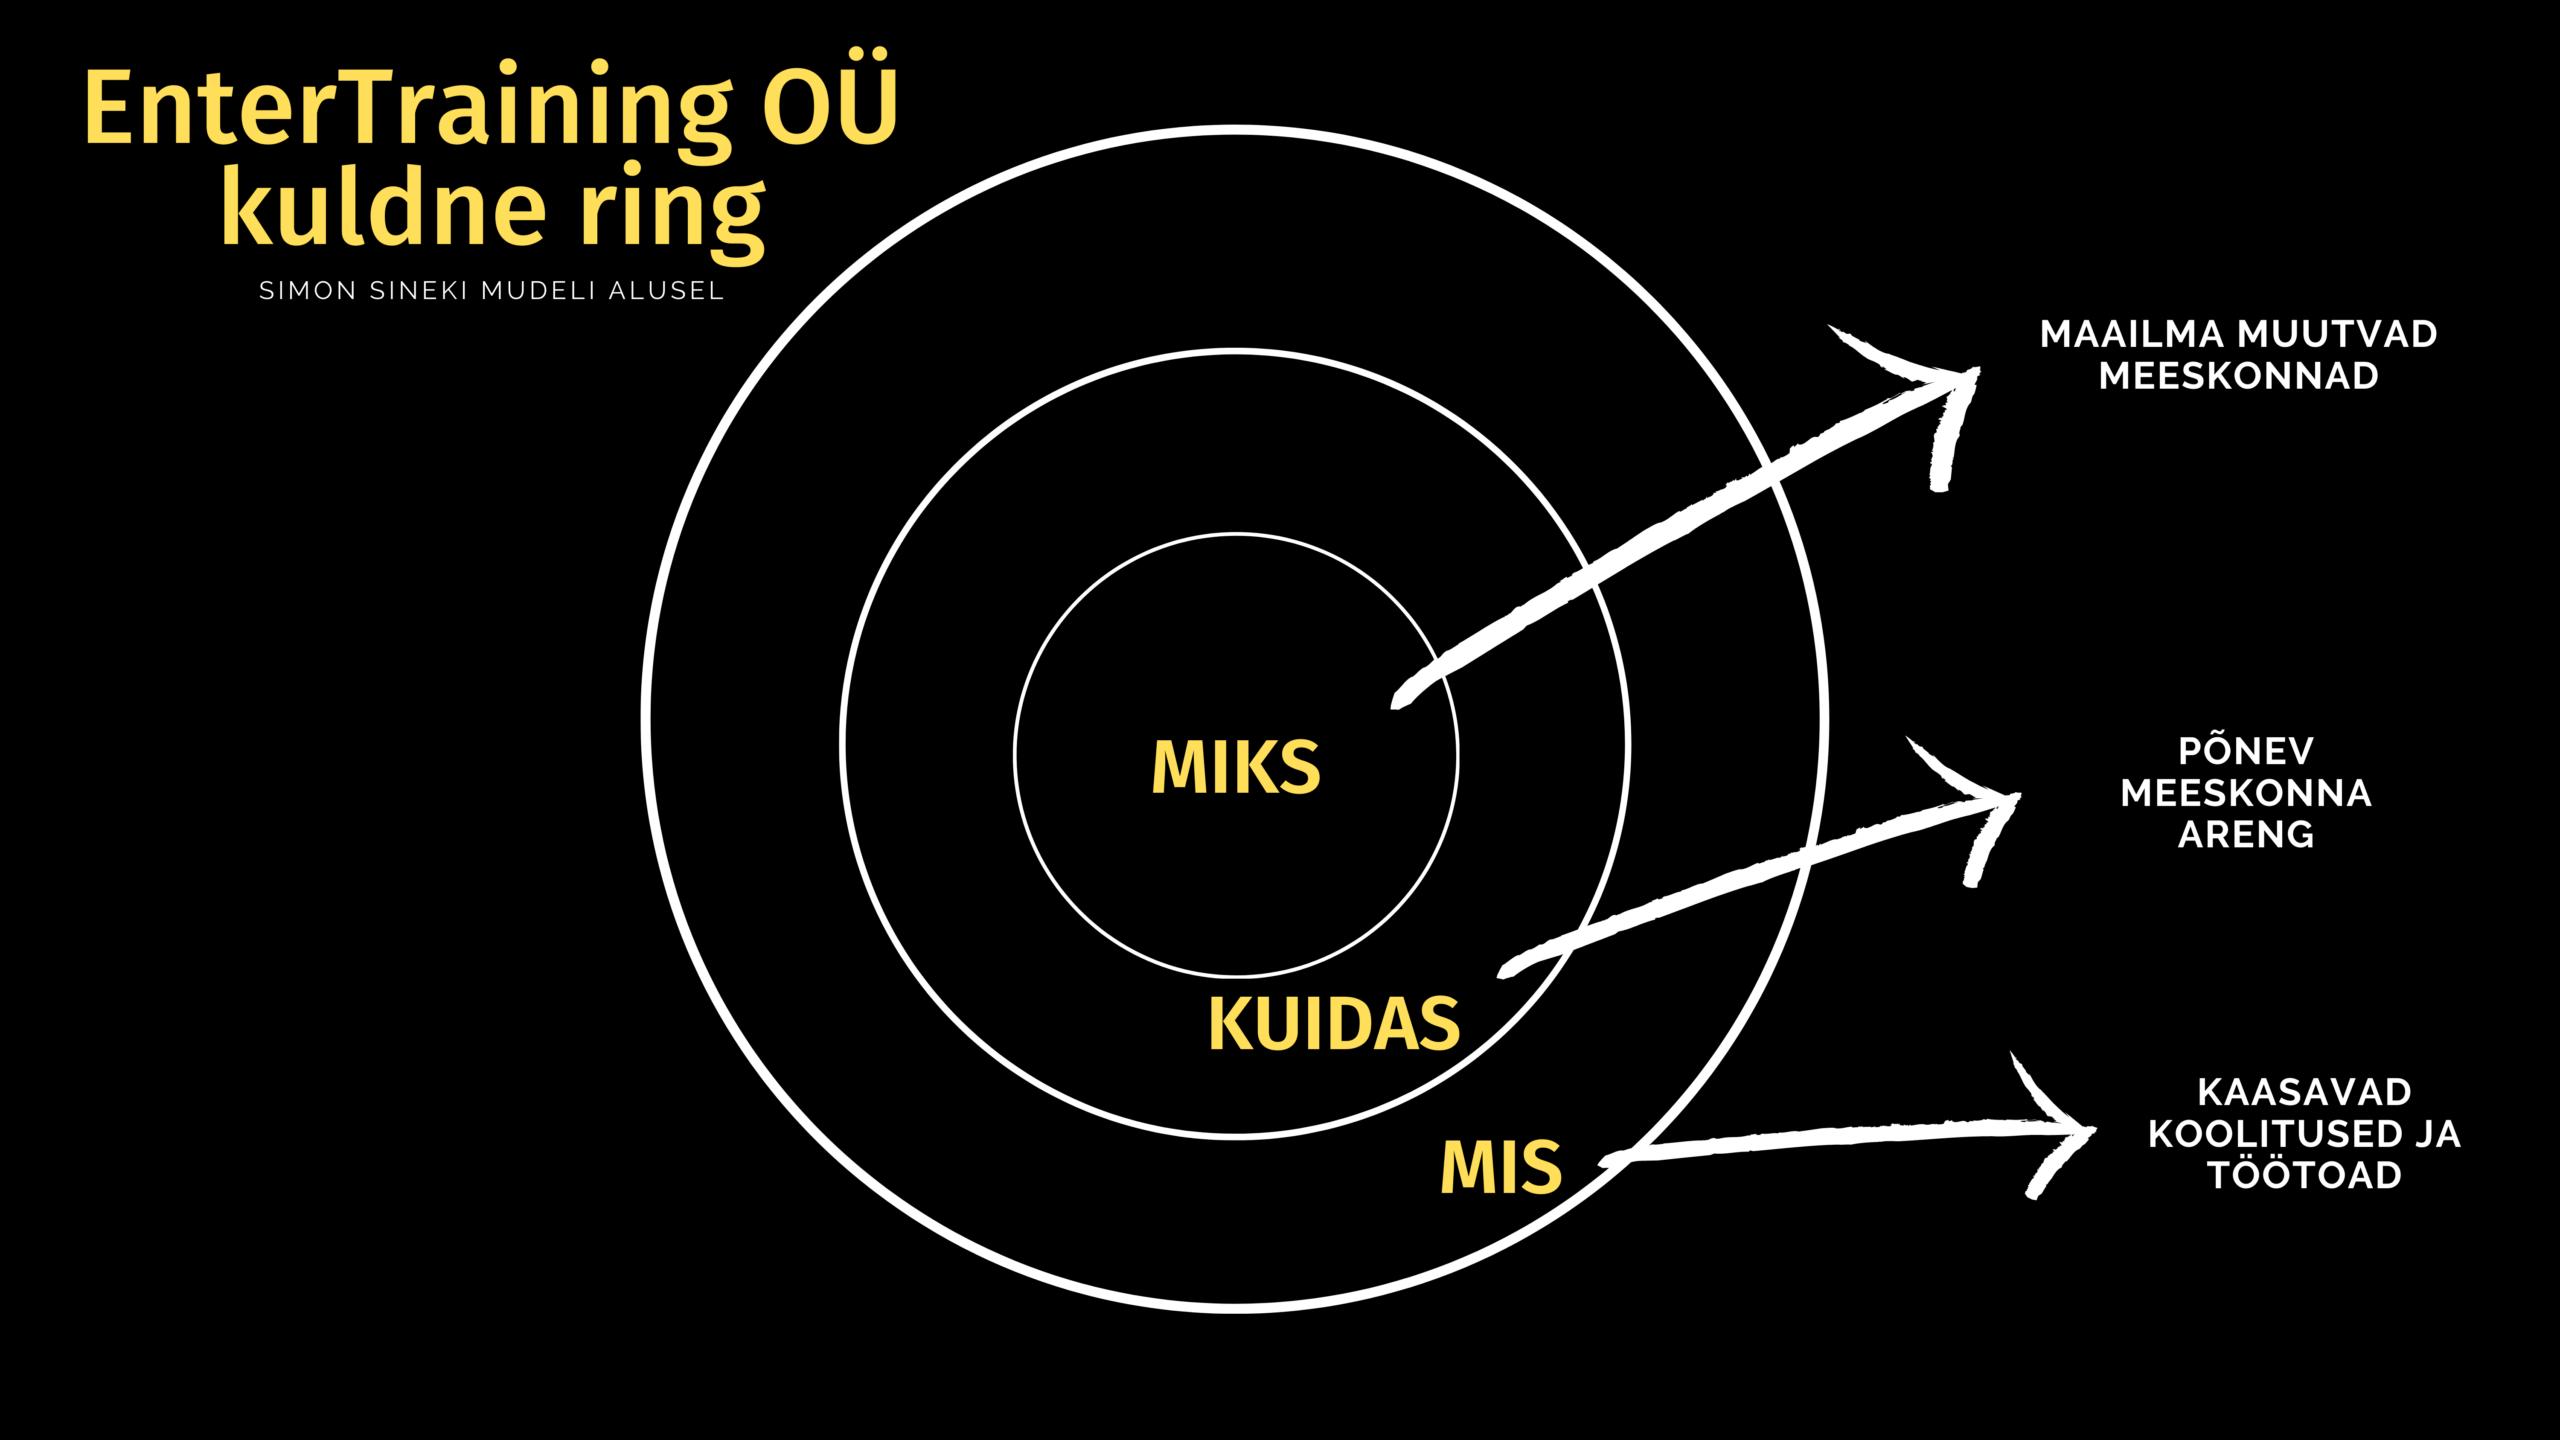 EnterTraining OÜ kuldne ring: Simon Sineki mudeli alusel. Miks: Maaima muutvad meeskonnad. Kuidas: Põnev meeskonna areng. Mis: Kaasavad koolitused ja töötoad.